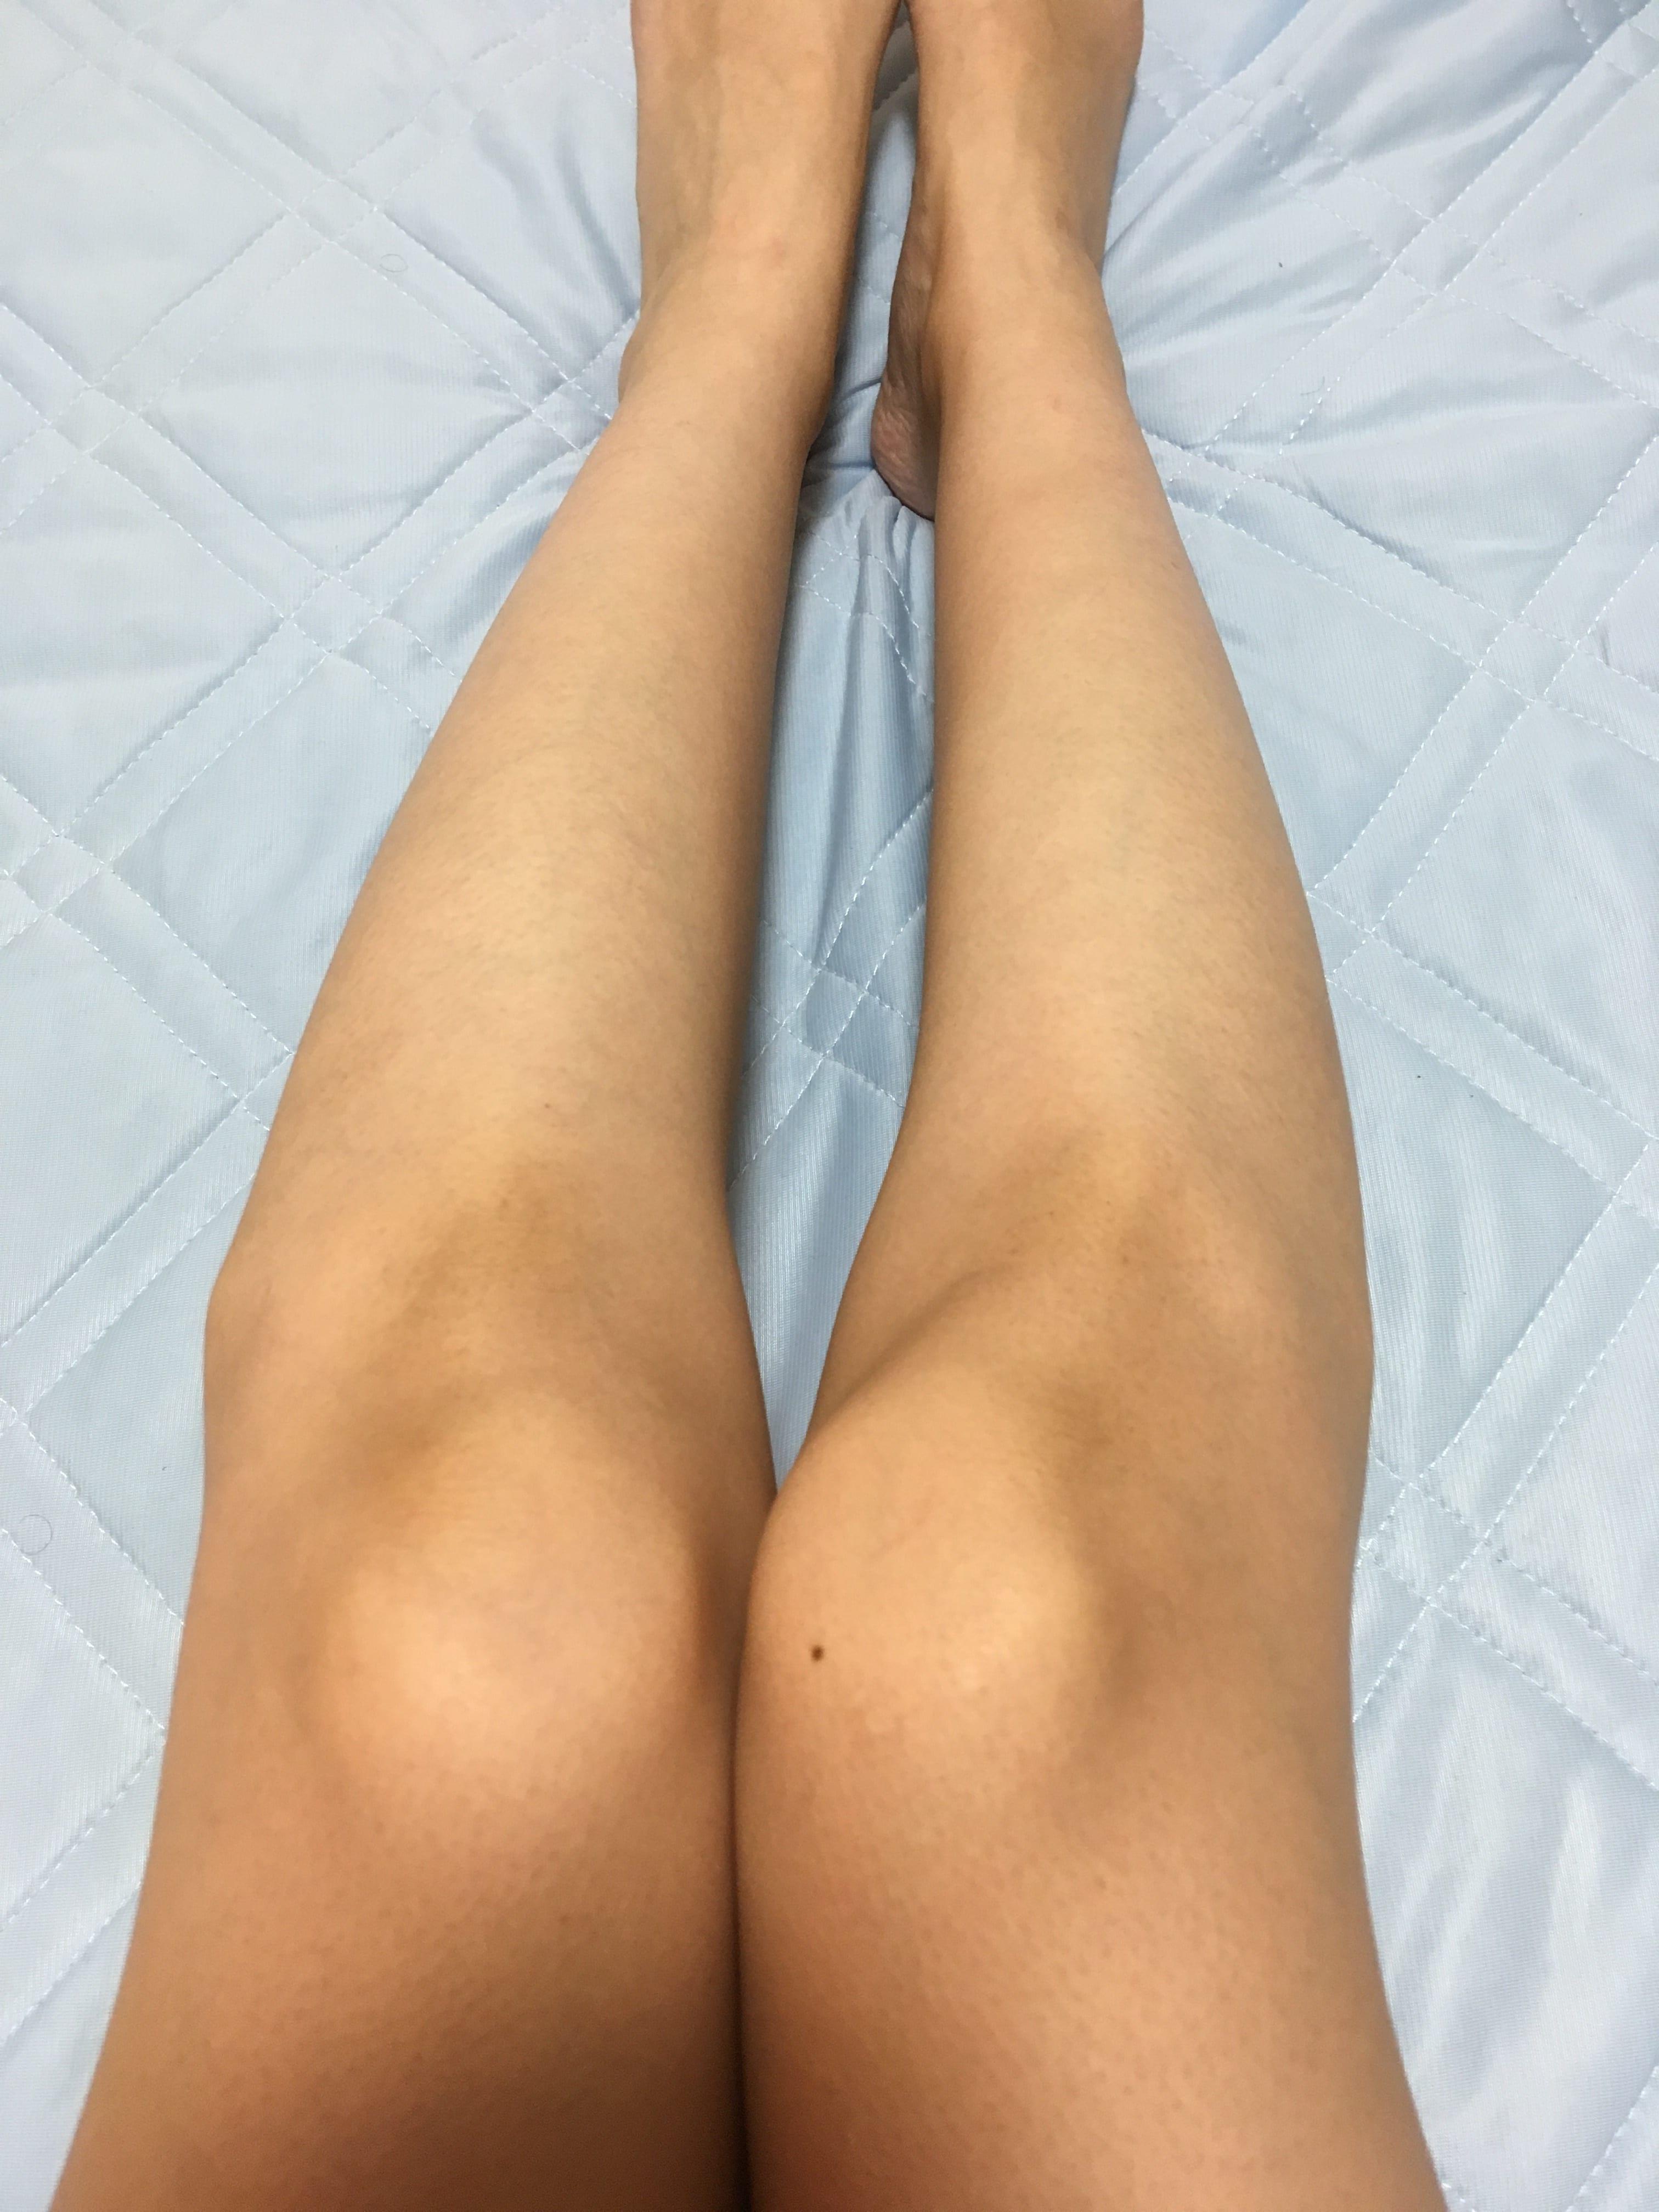 銀座カラー脚脱毛写真1